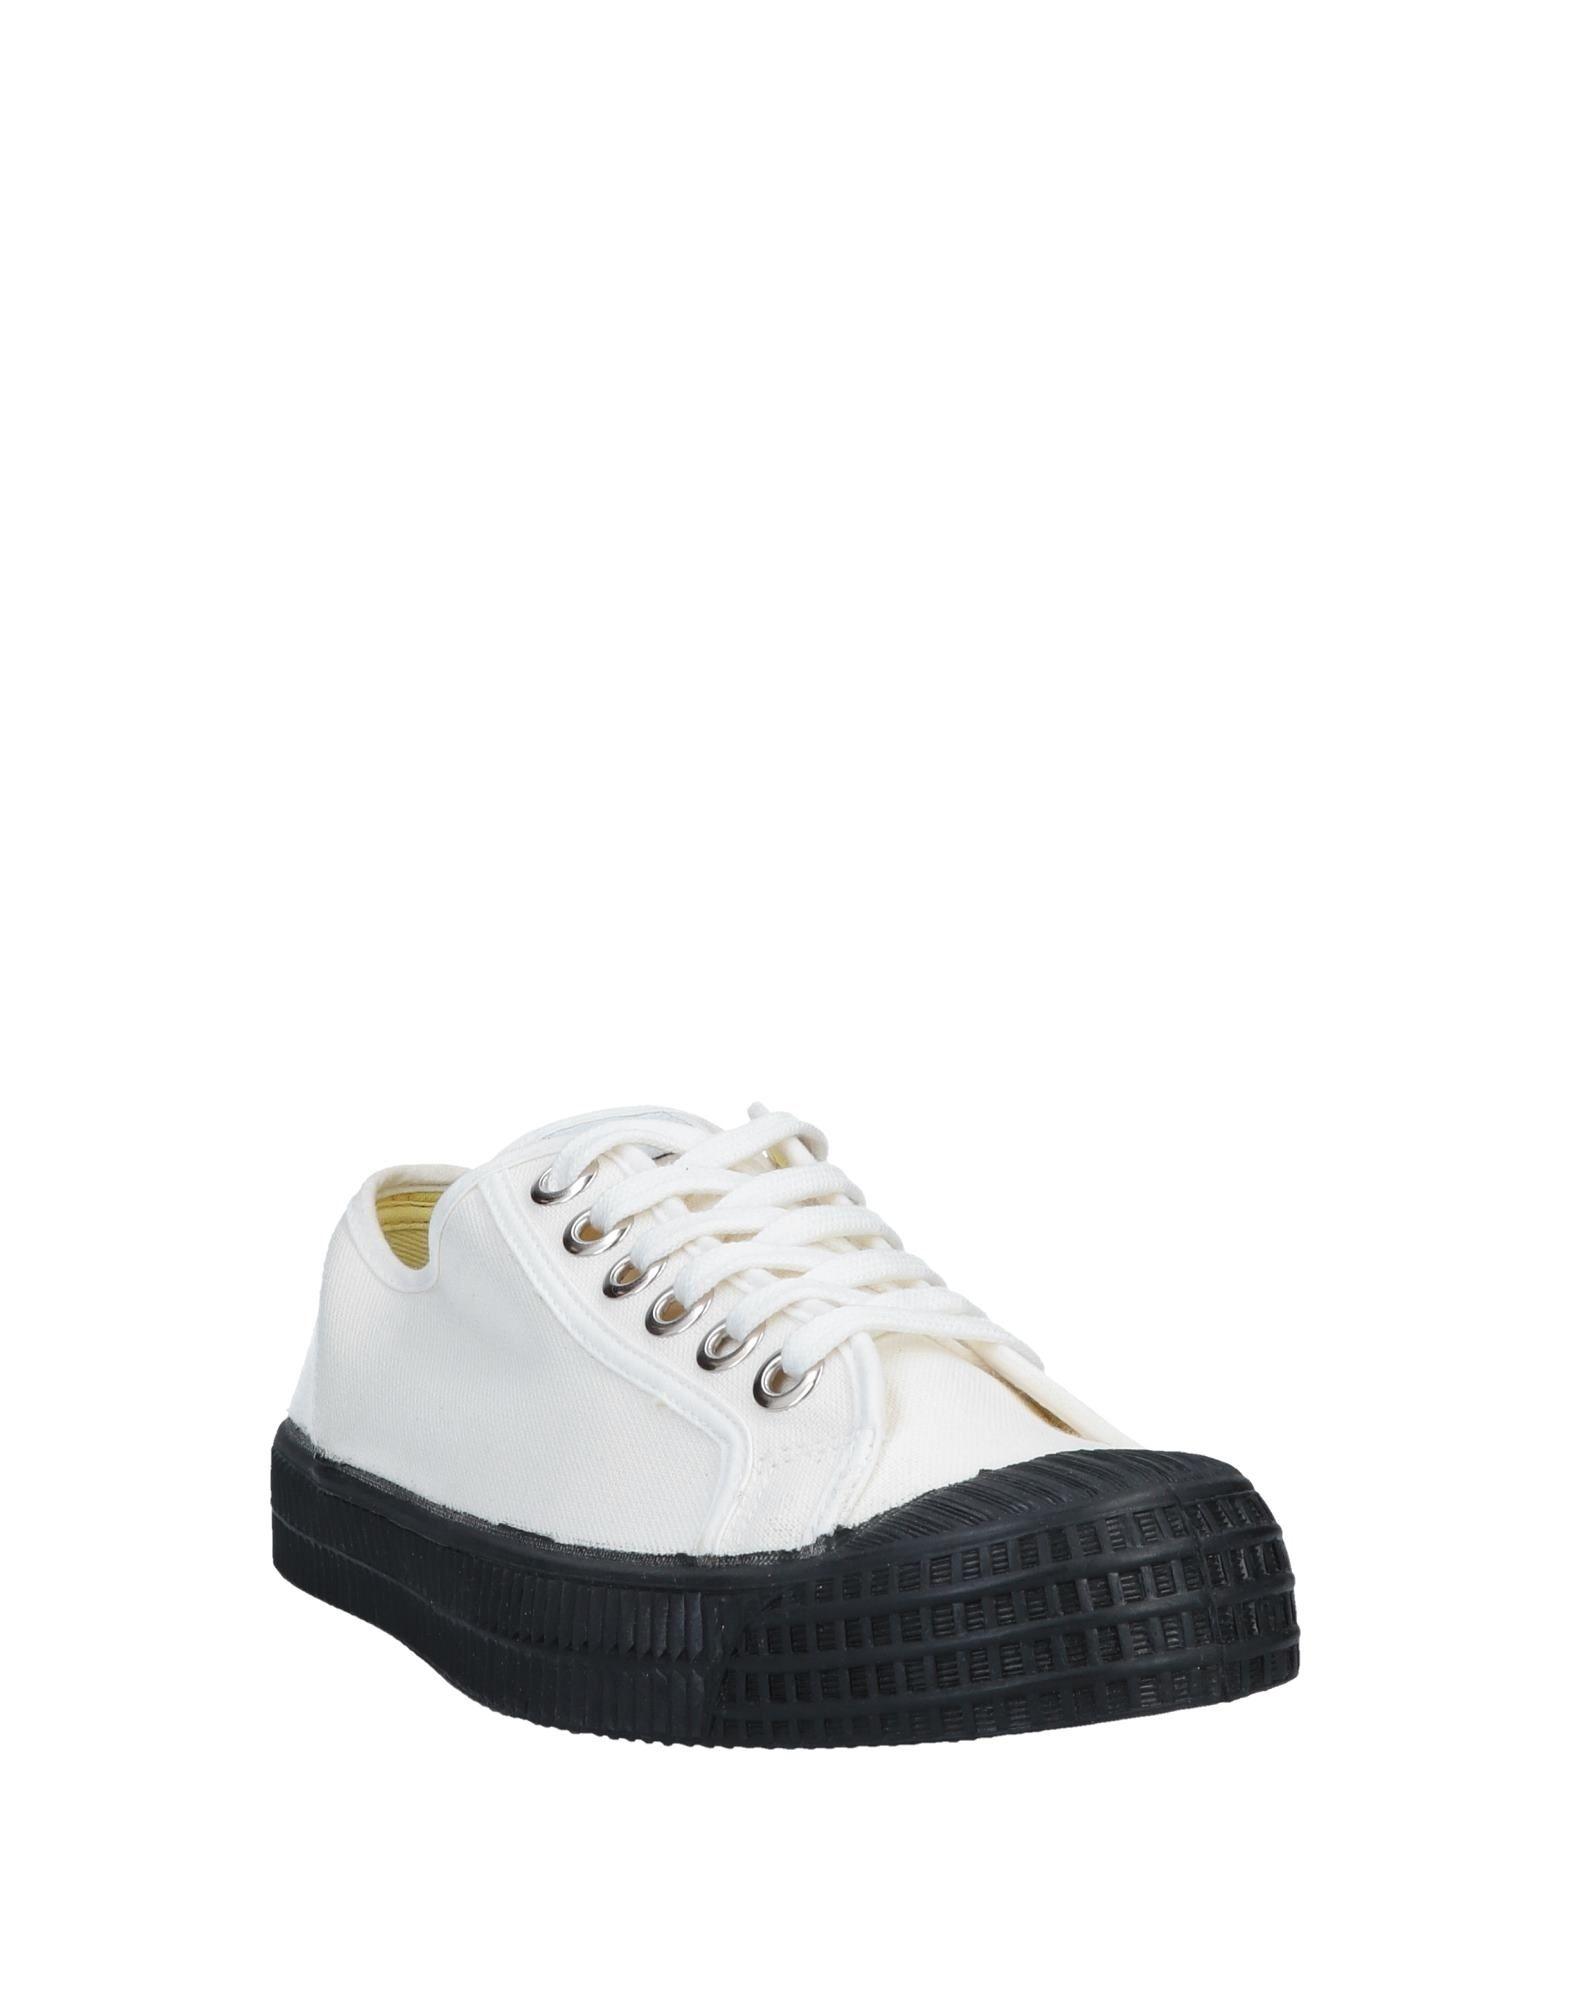 Rabatt Herren echte Schuhe Novesta Sneakers Herren Rabatt  11442365OP ada962